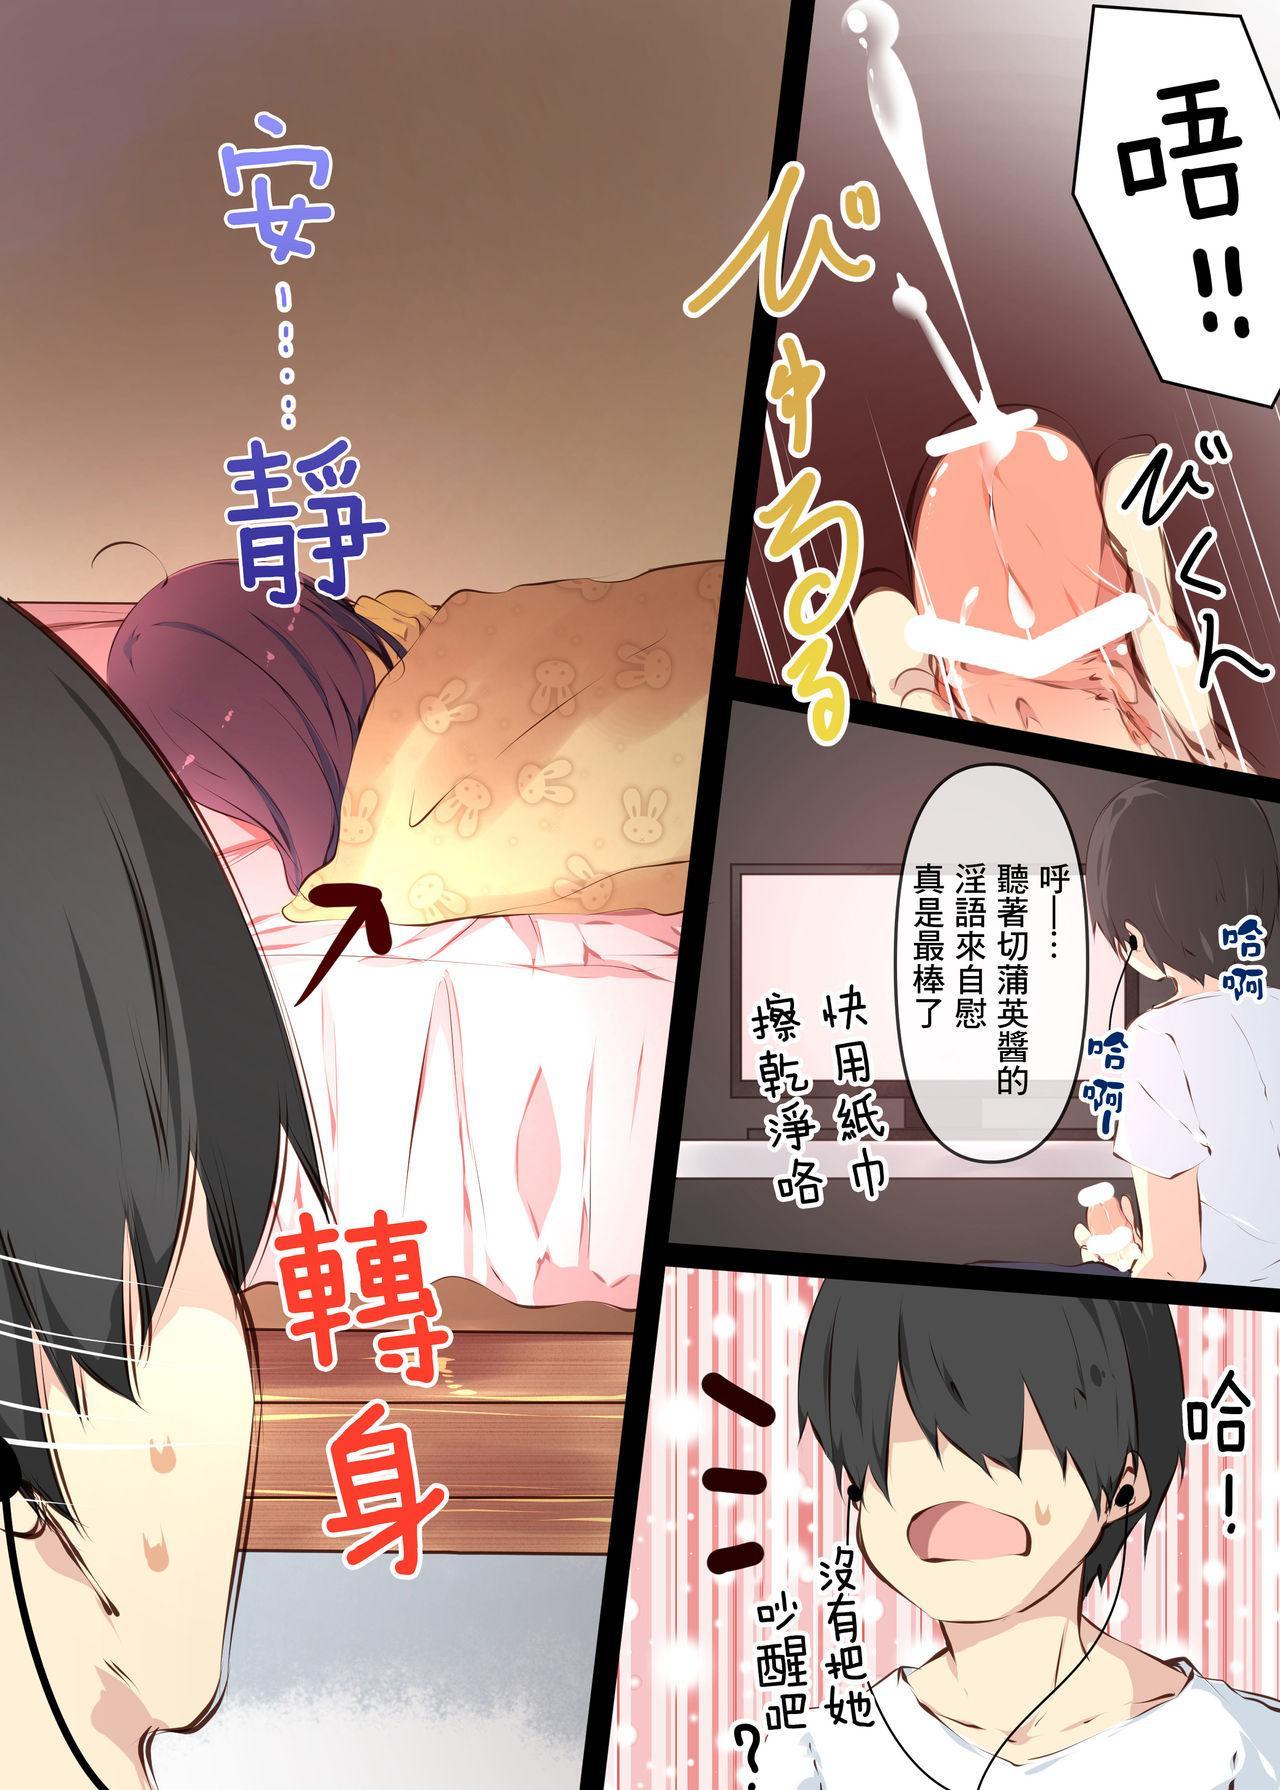 Tsuuhan de Kawareta Kiritan ga Master no Sourou Chinpo ni Konwaku Suru Ohanashi | 網購買回來的切蒲英醬 讓主人的早洩肉棒茫然無措的故事 12